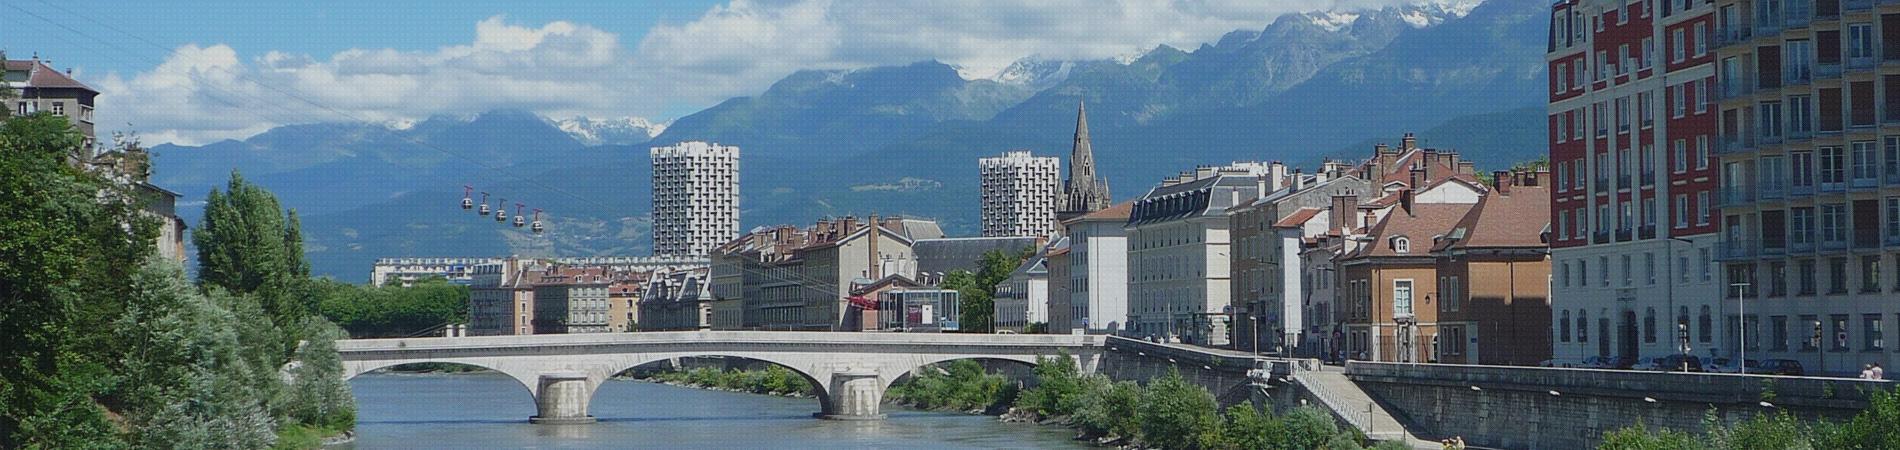 Réservez votre navette Grenoble vers aéroport de Lyon | Pickmecab